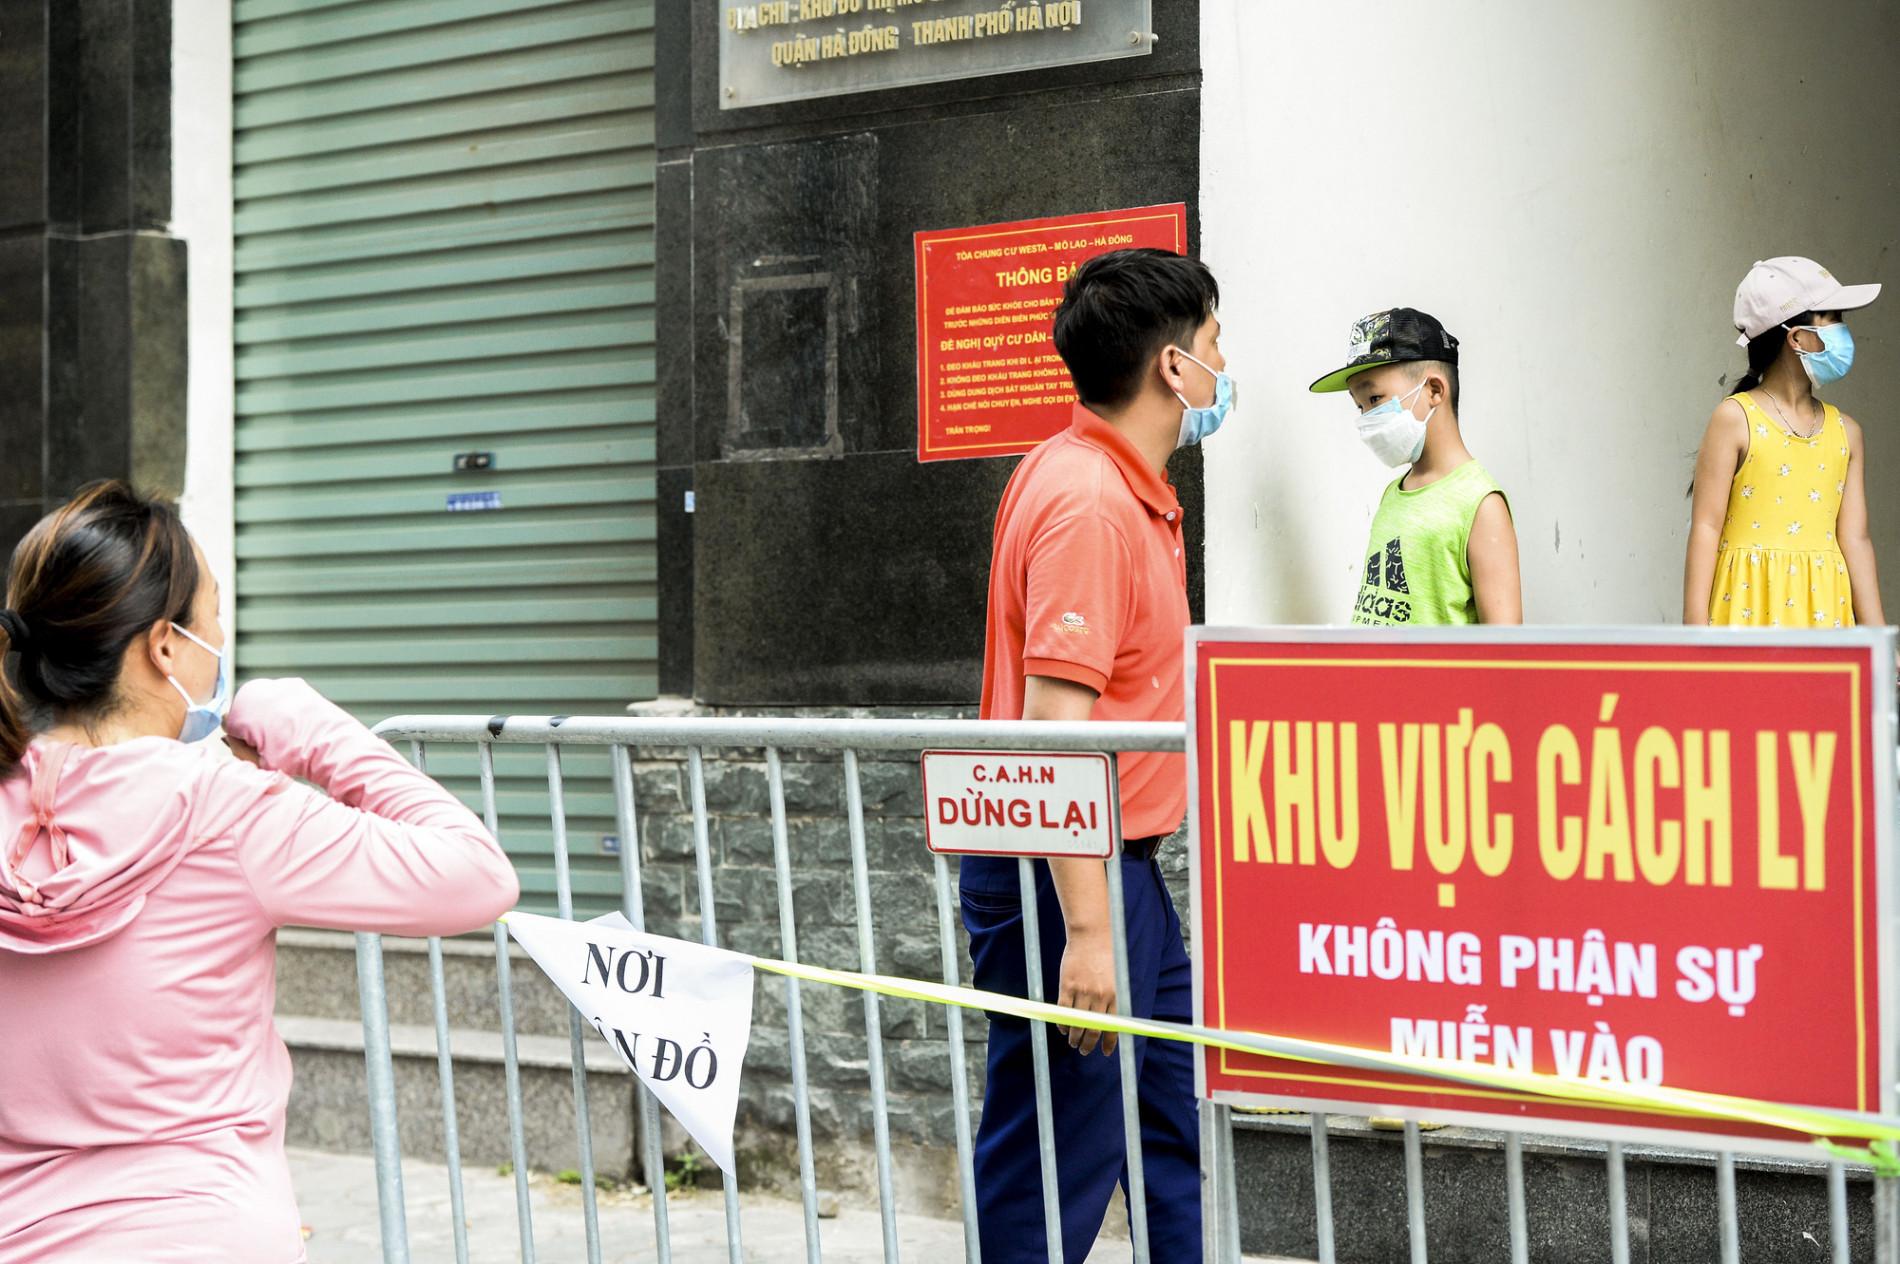 Các địa điểm cách ly, phong toả tại Hà Nội sau khi phát hiện có người dương tính SARS-CoV-2 - Ảnh 7.